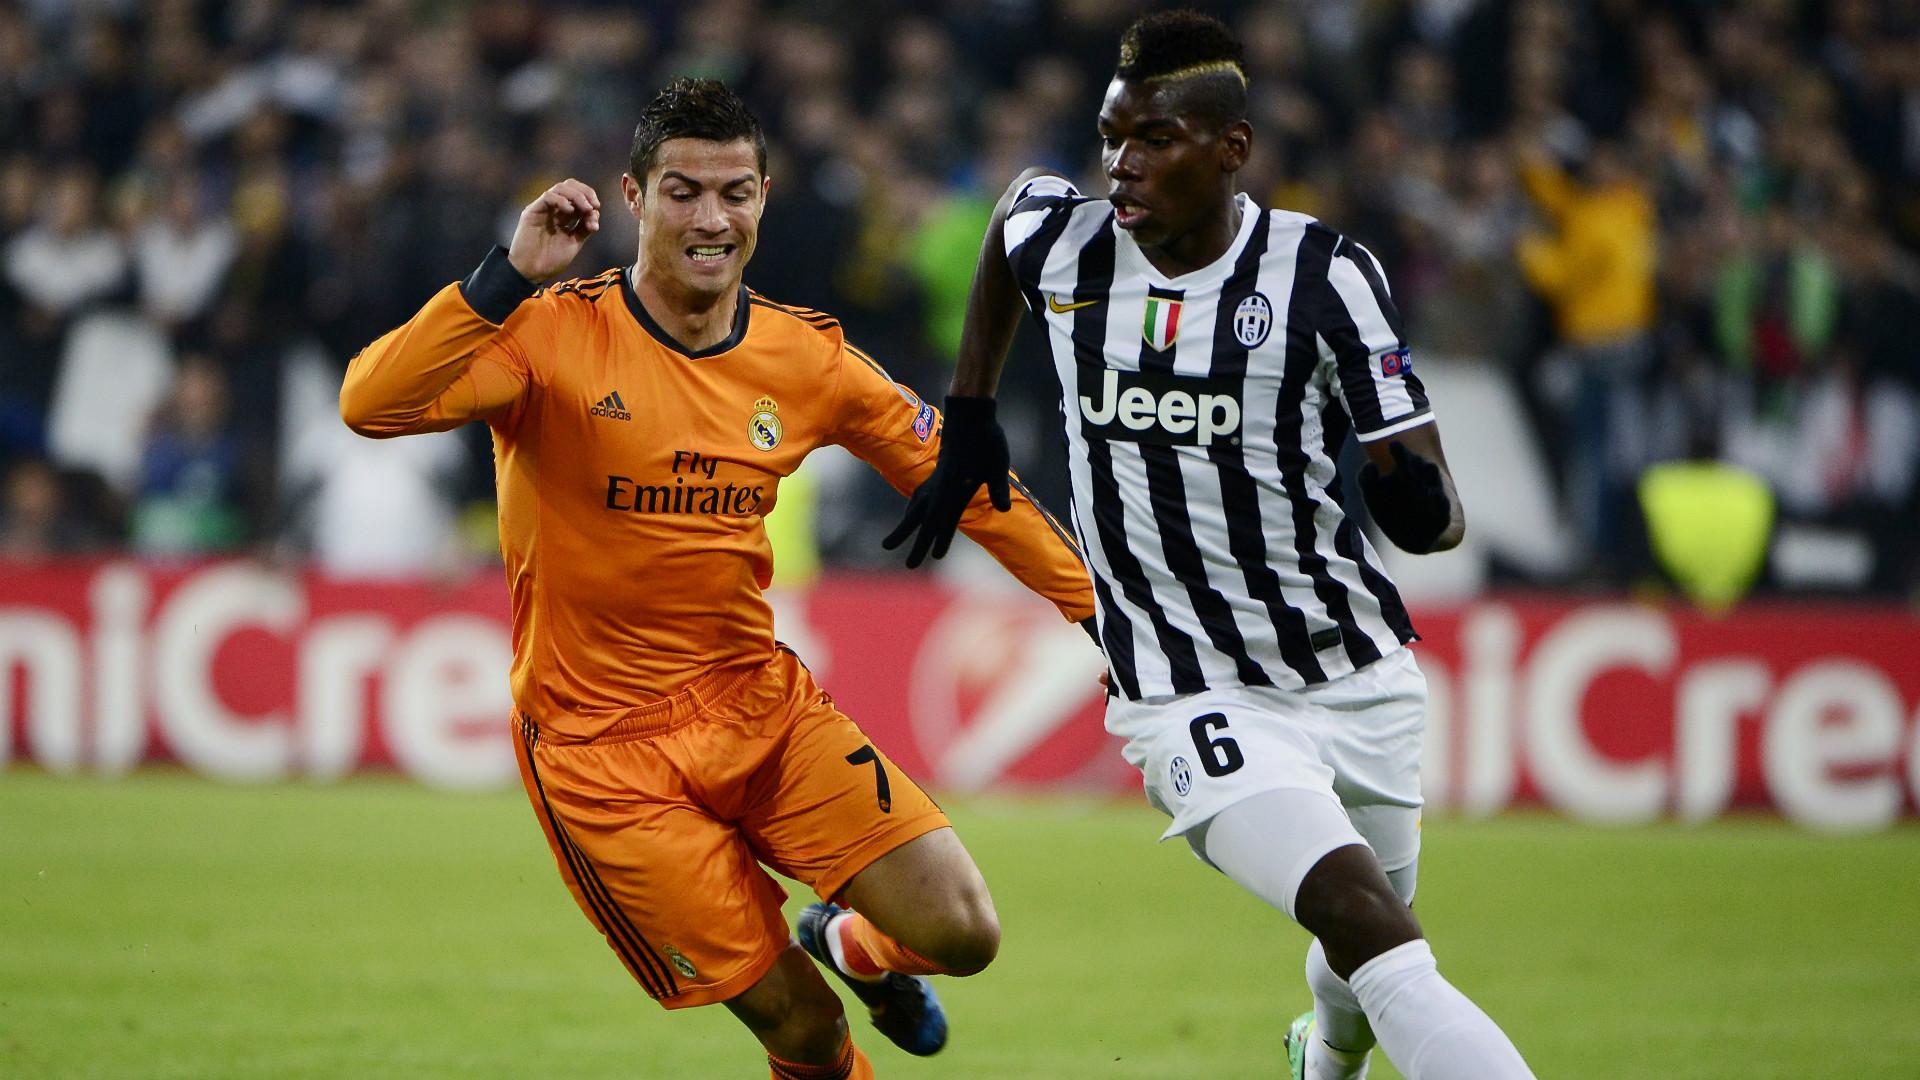 Image Result For Napoli Vs Inter